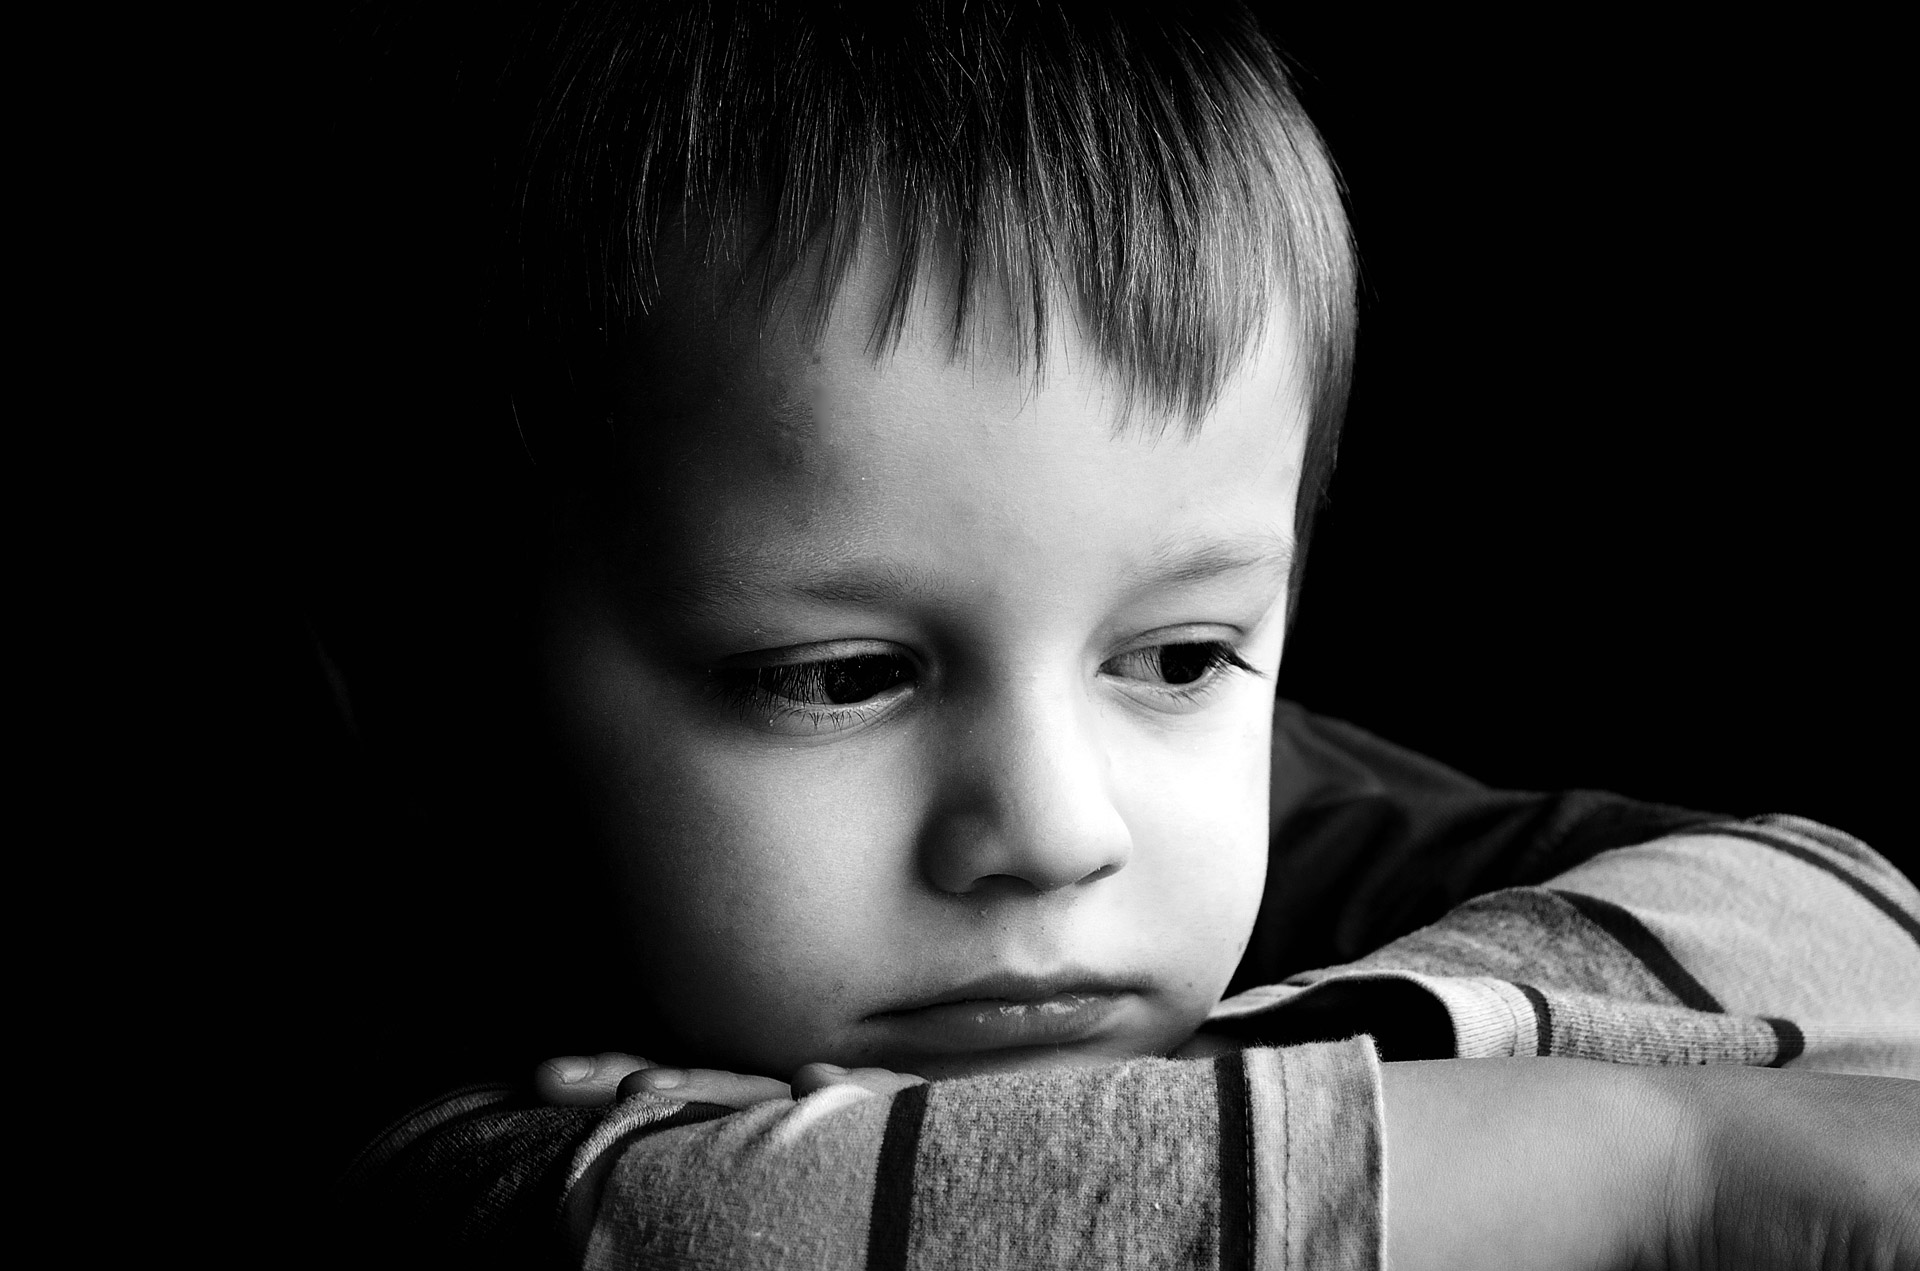 sad-child-bad-parenting